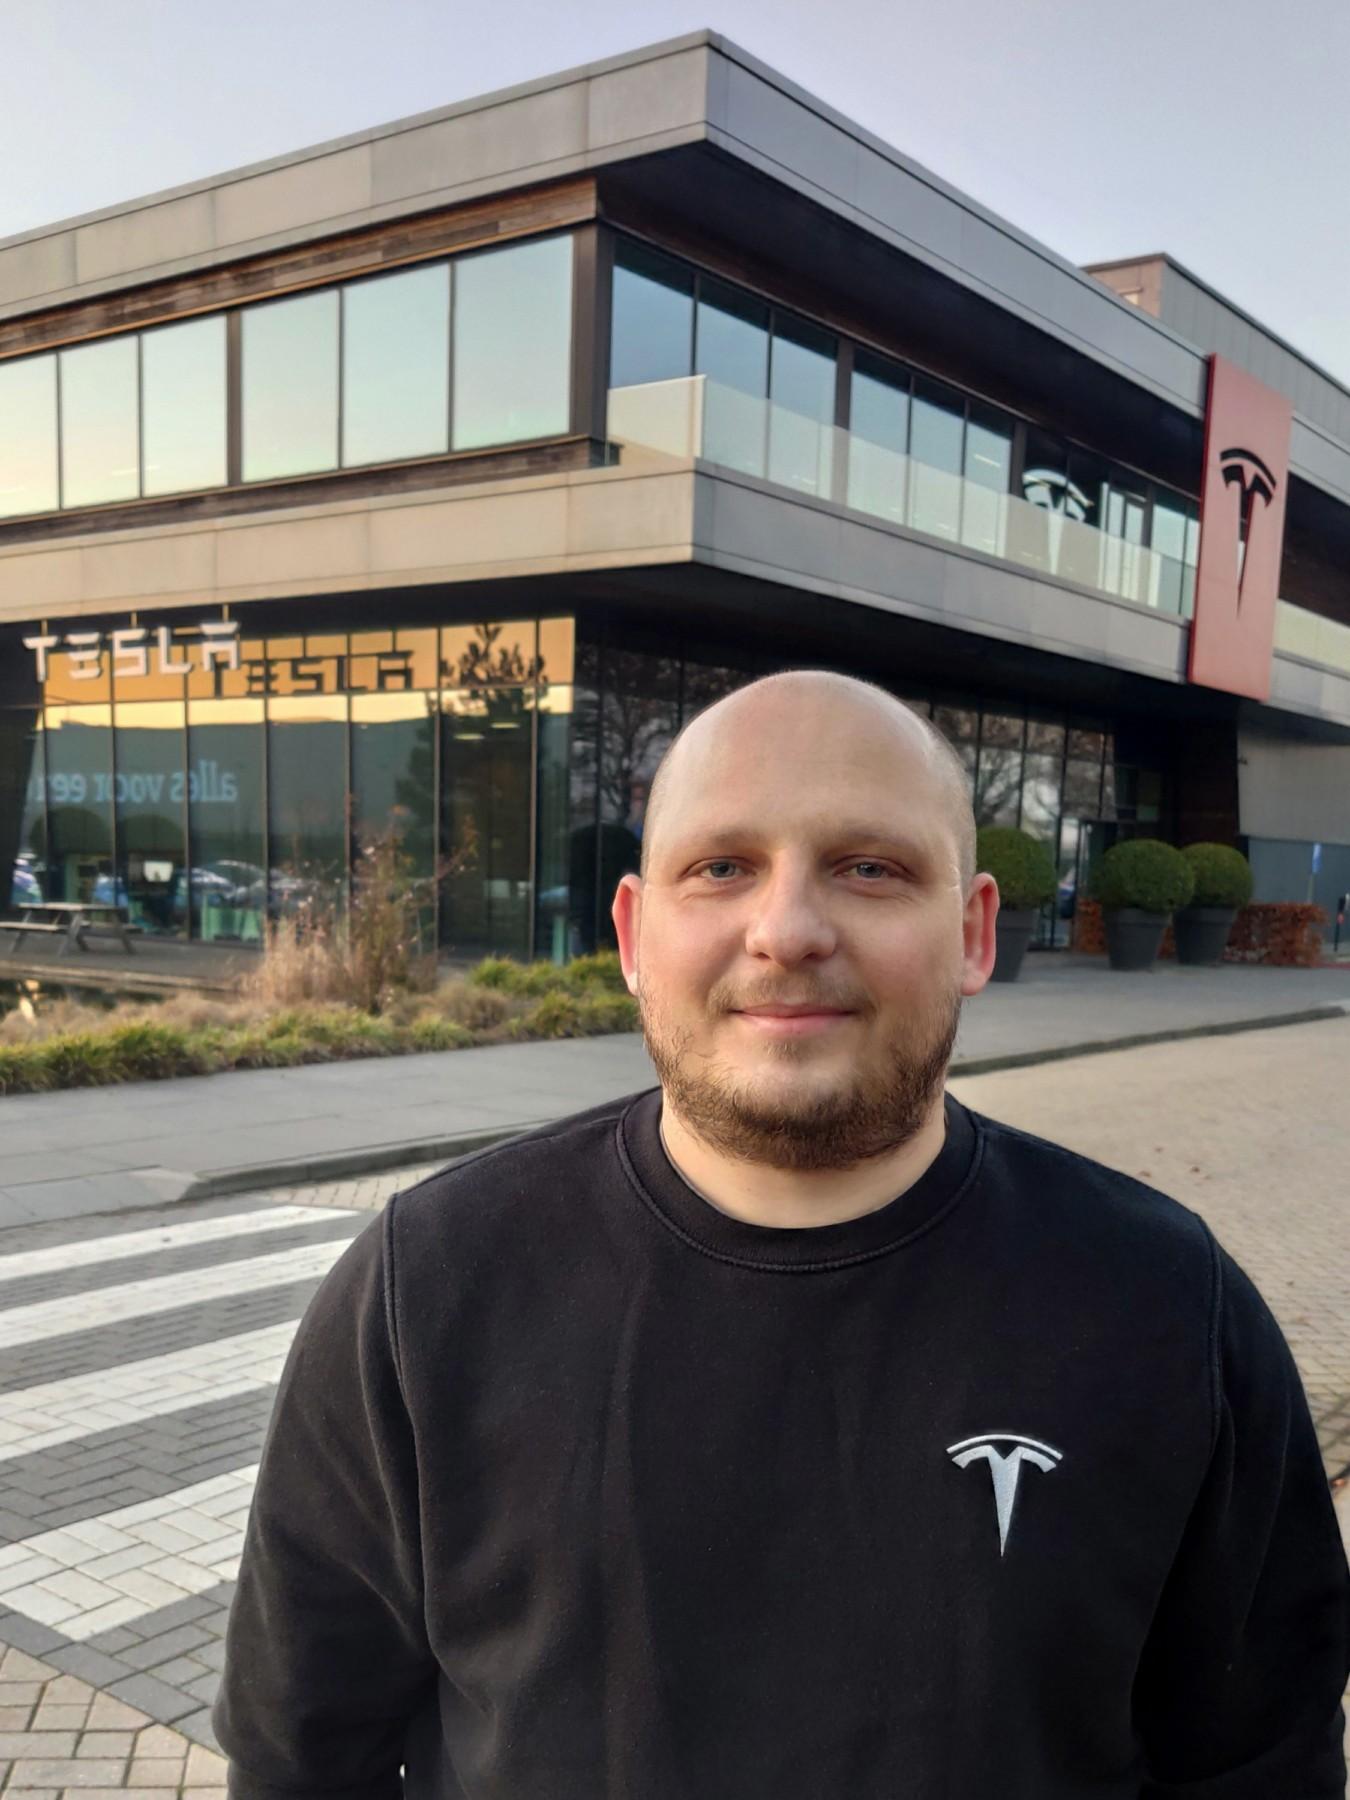 Ο κ. Ιωάννης Παληογιάννης είναι στέλεχος της Tesla